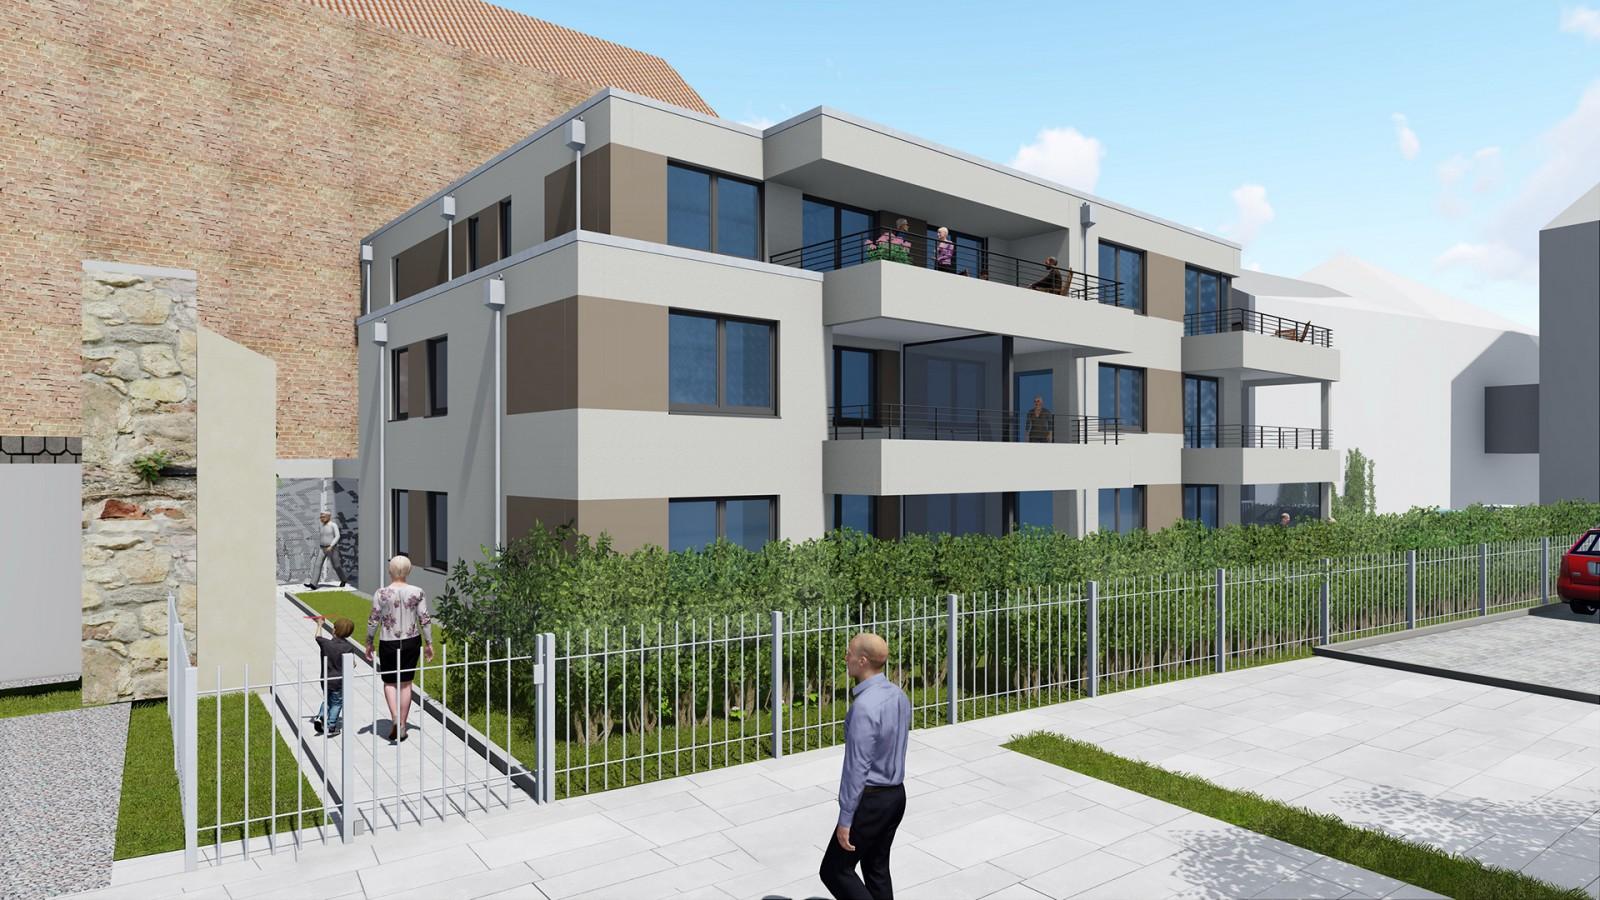 Neubau eines Mehrfamilienhauses in der Theaterstraße | JUNG - Architekturbüro, Innenarchitekturbüro Hildesheim